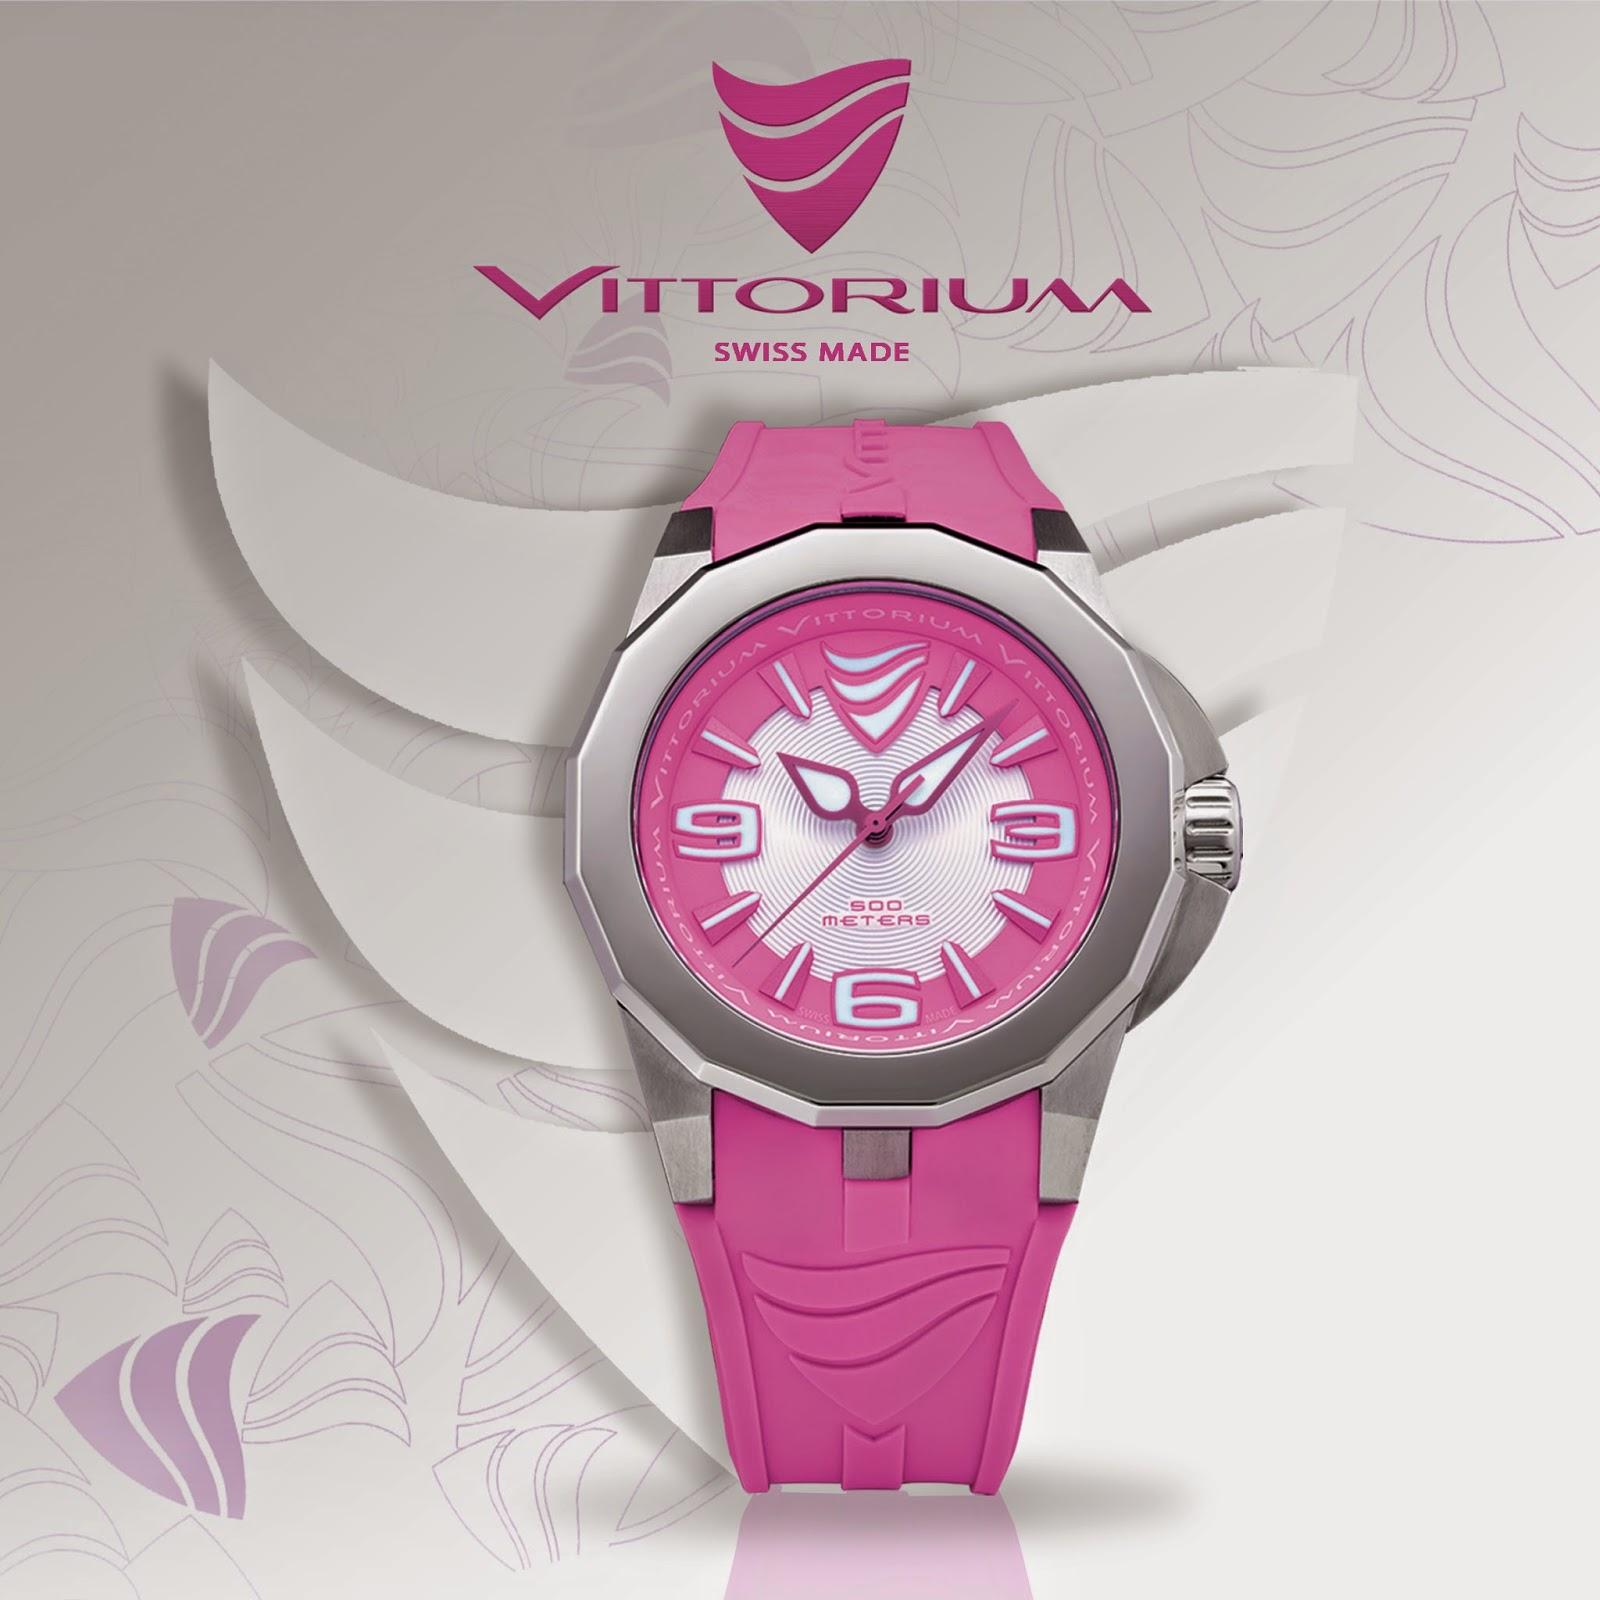 Relojes VITTORIUM Switzerland Model AT42 540190